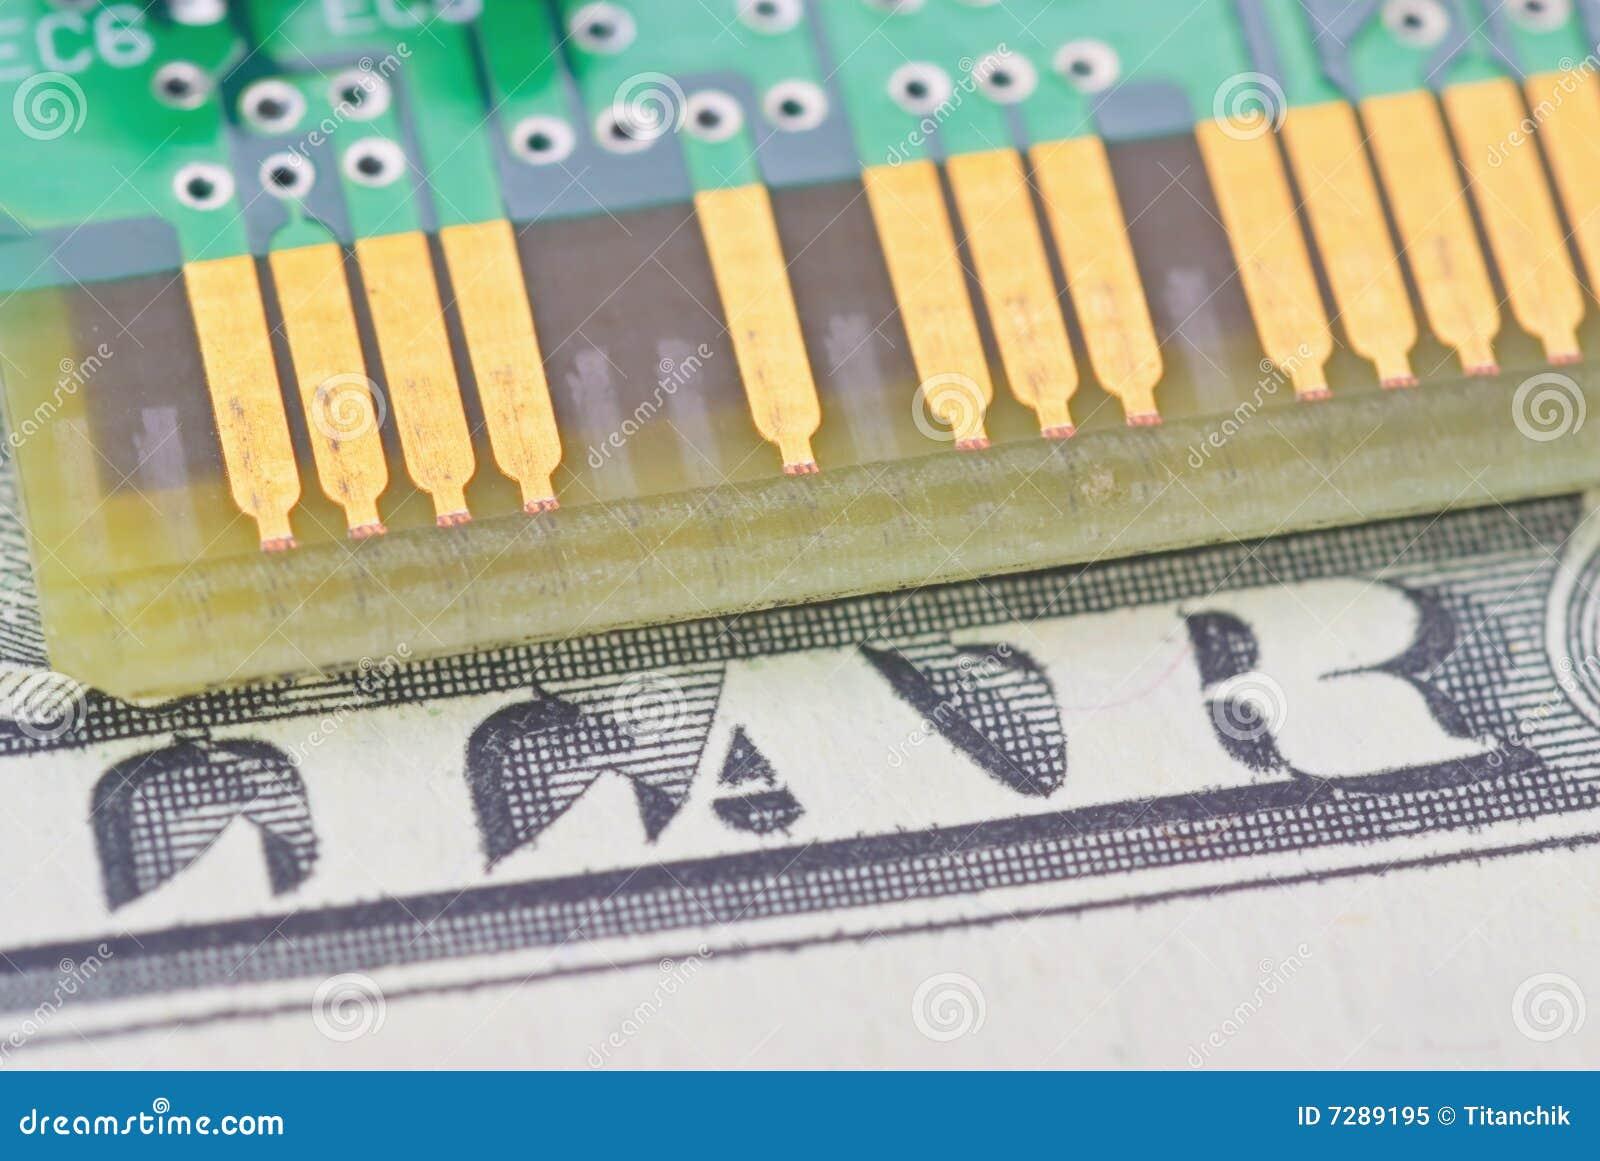 Tarjetas de circuitos - componente eléctrico